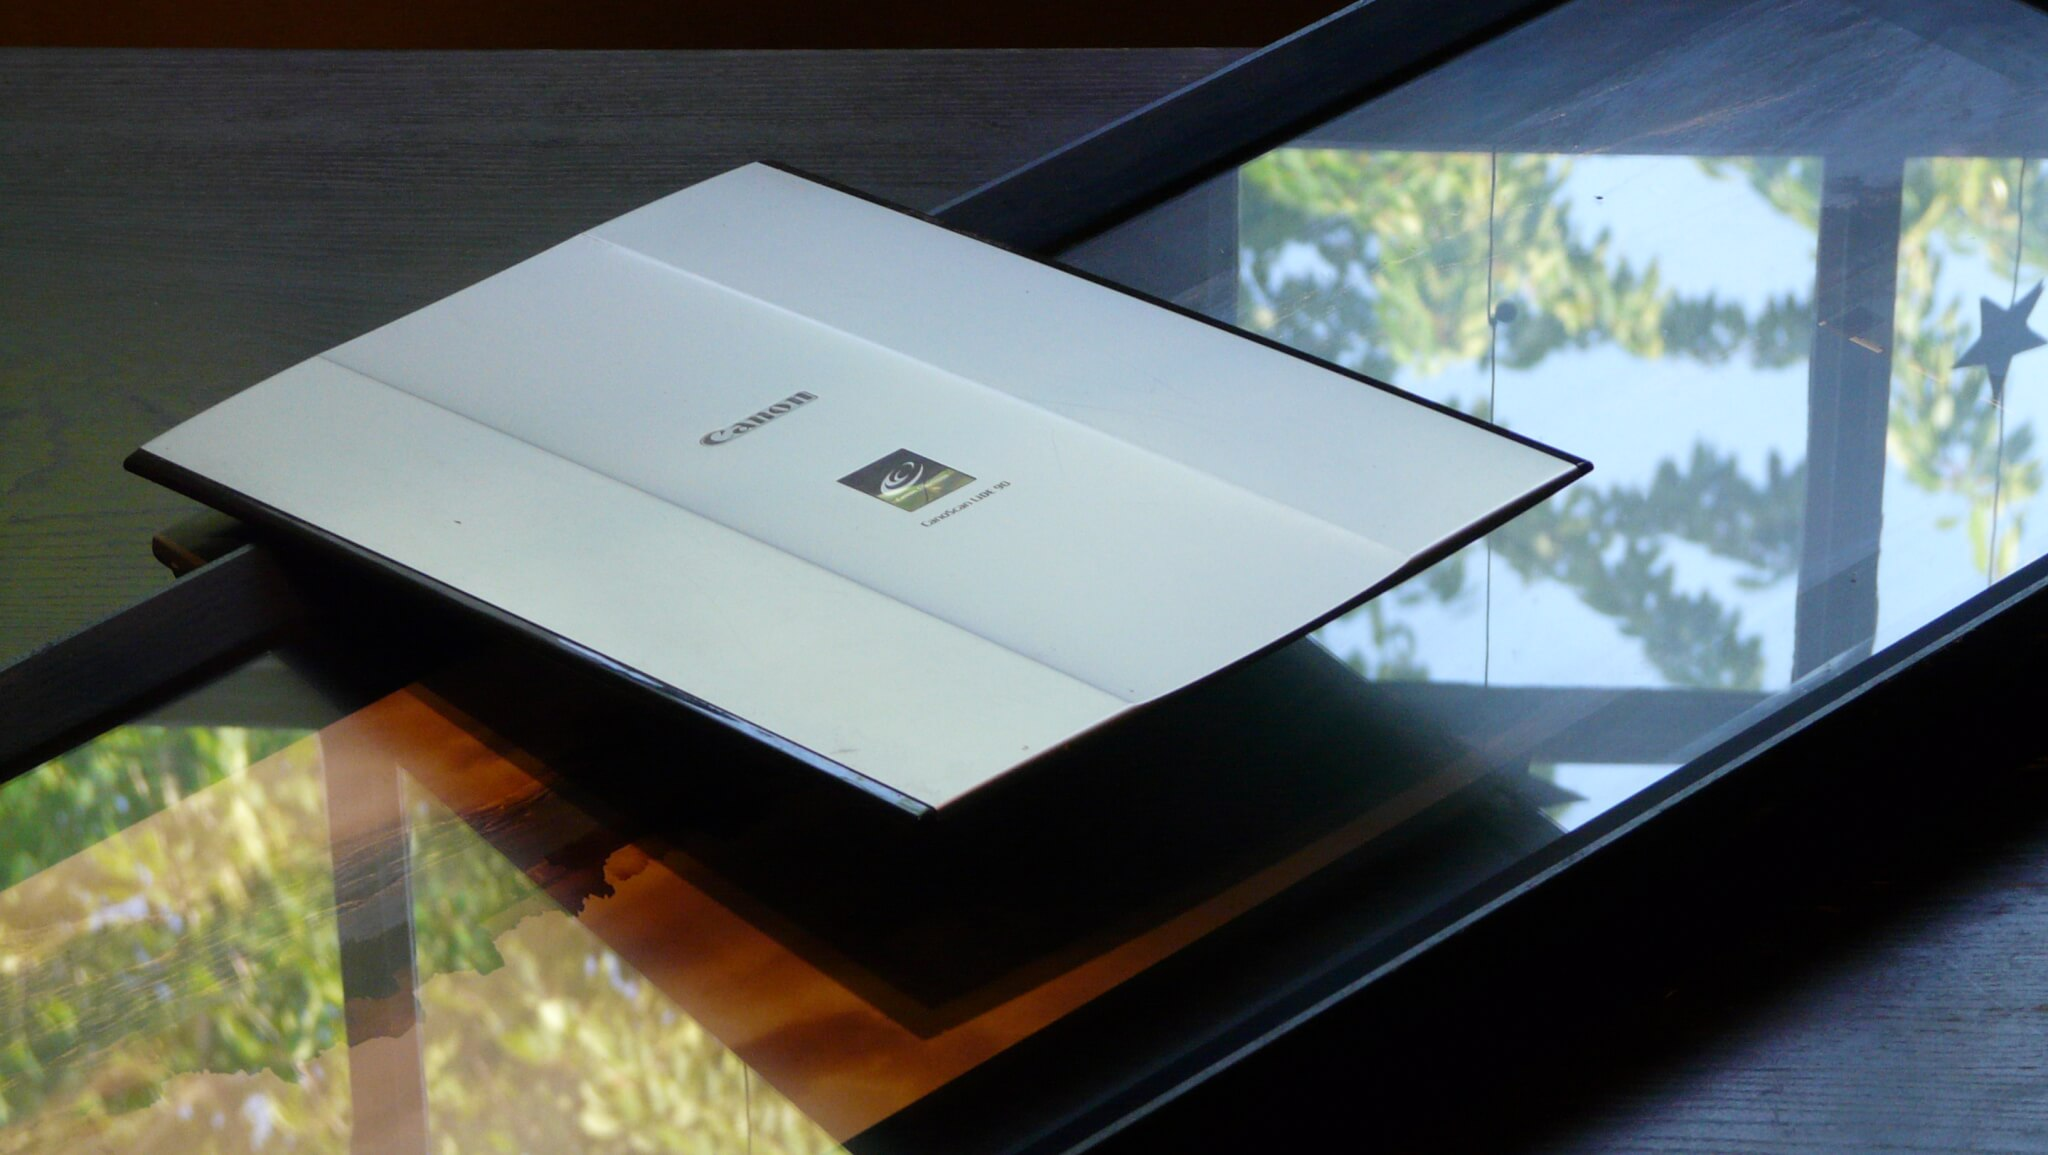 comment num riser une image trop grande pour votre scanner le geek du cerisier. Black Bedroom Furniture Sets. Home Design Ideas